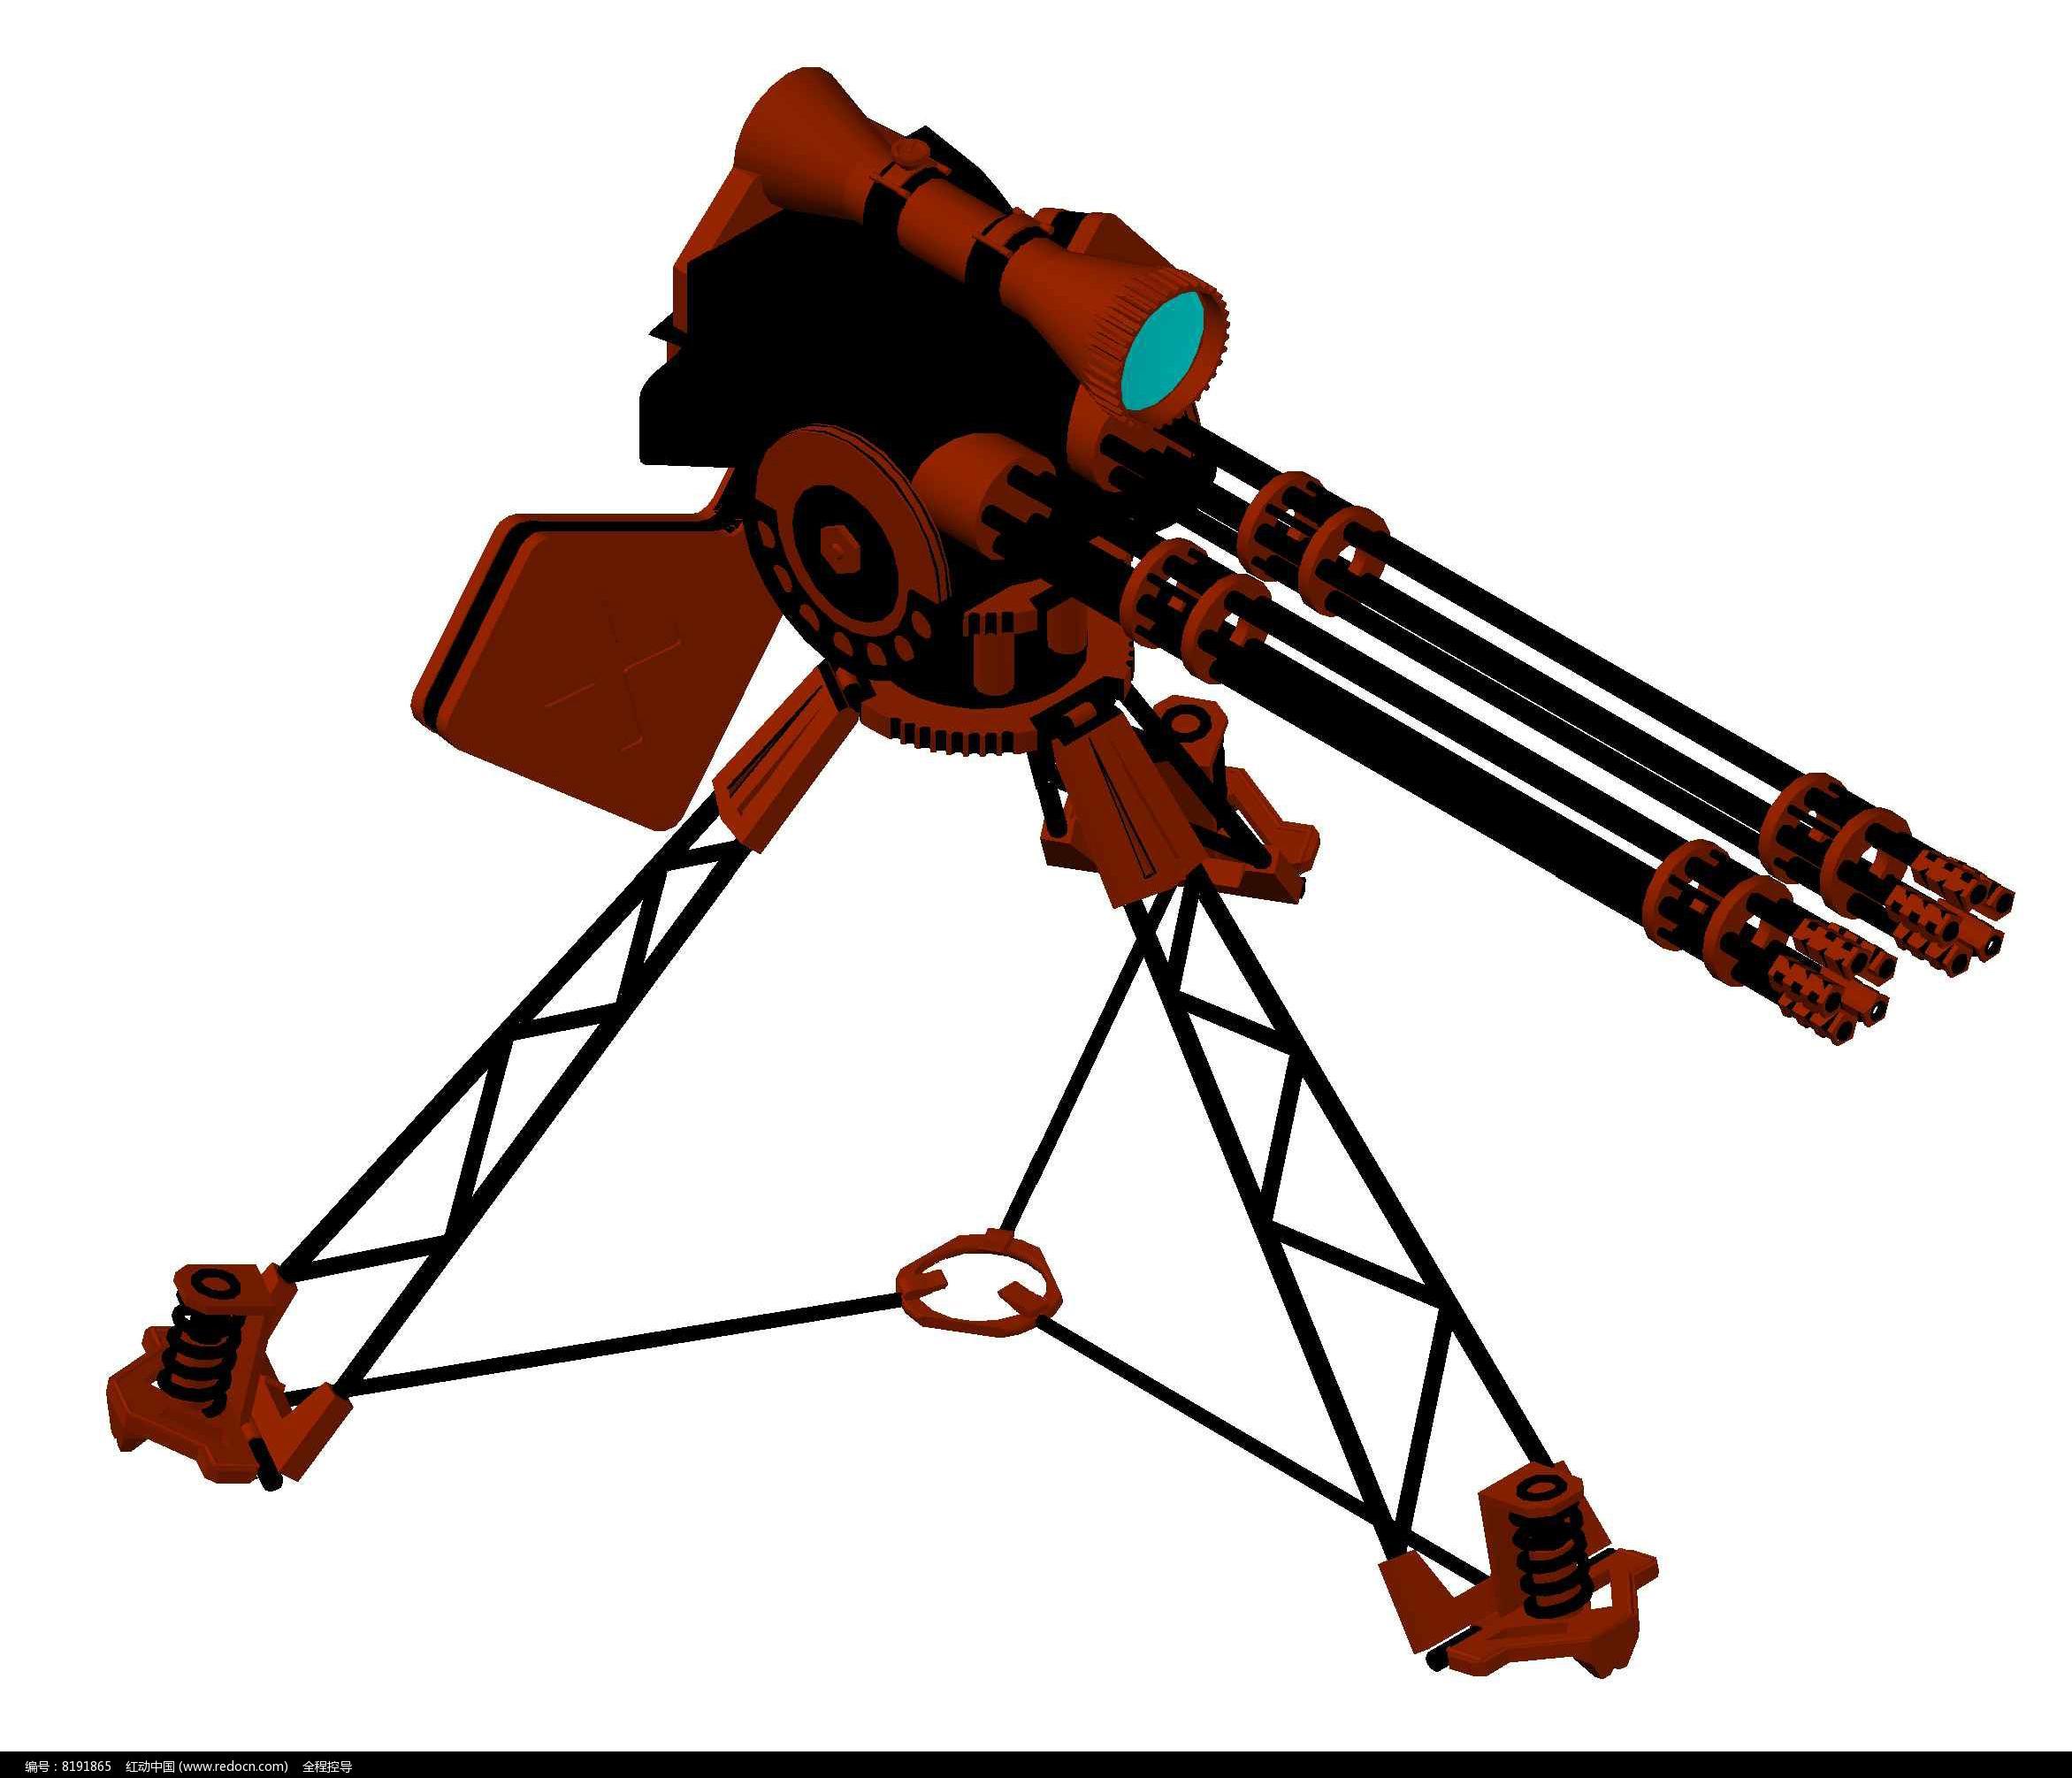 机关枪CAD三维节点图片素材膜结构图纸张拉cad图图片